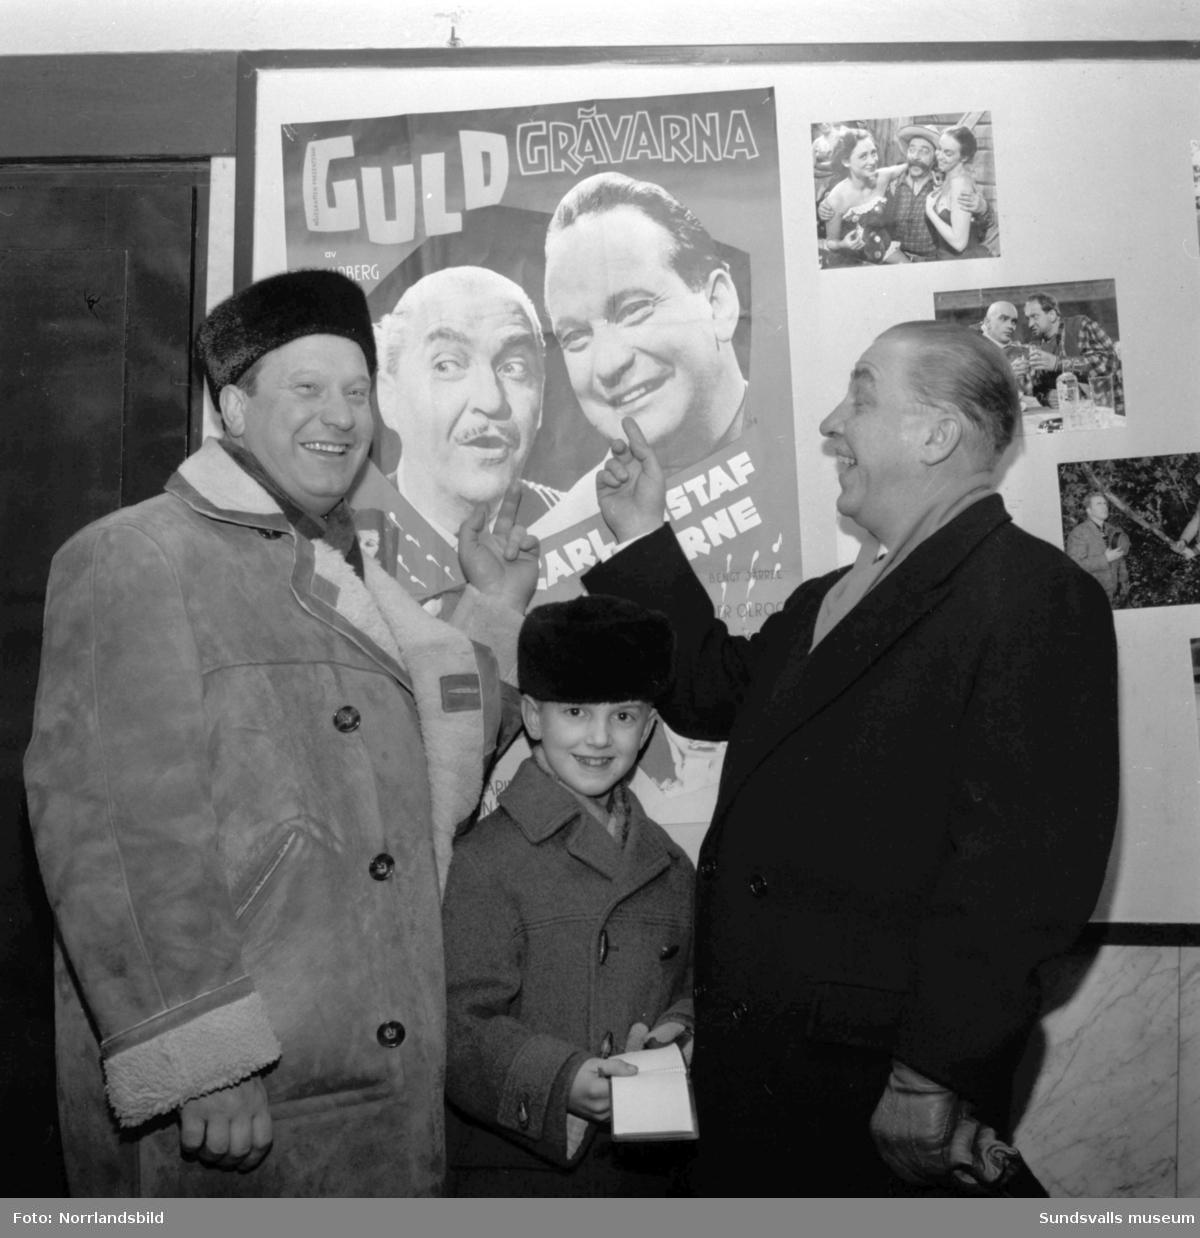 """Filmen """"Guldgrävarna"""" med Carl-Gustaf Lindstedt och Arne Källerud går på Sagabiografen, och huvudpersonerna är på plats."""